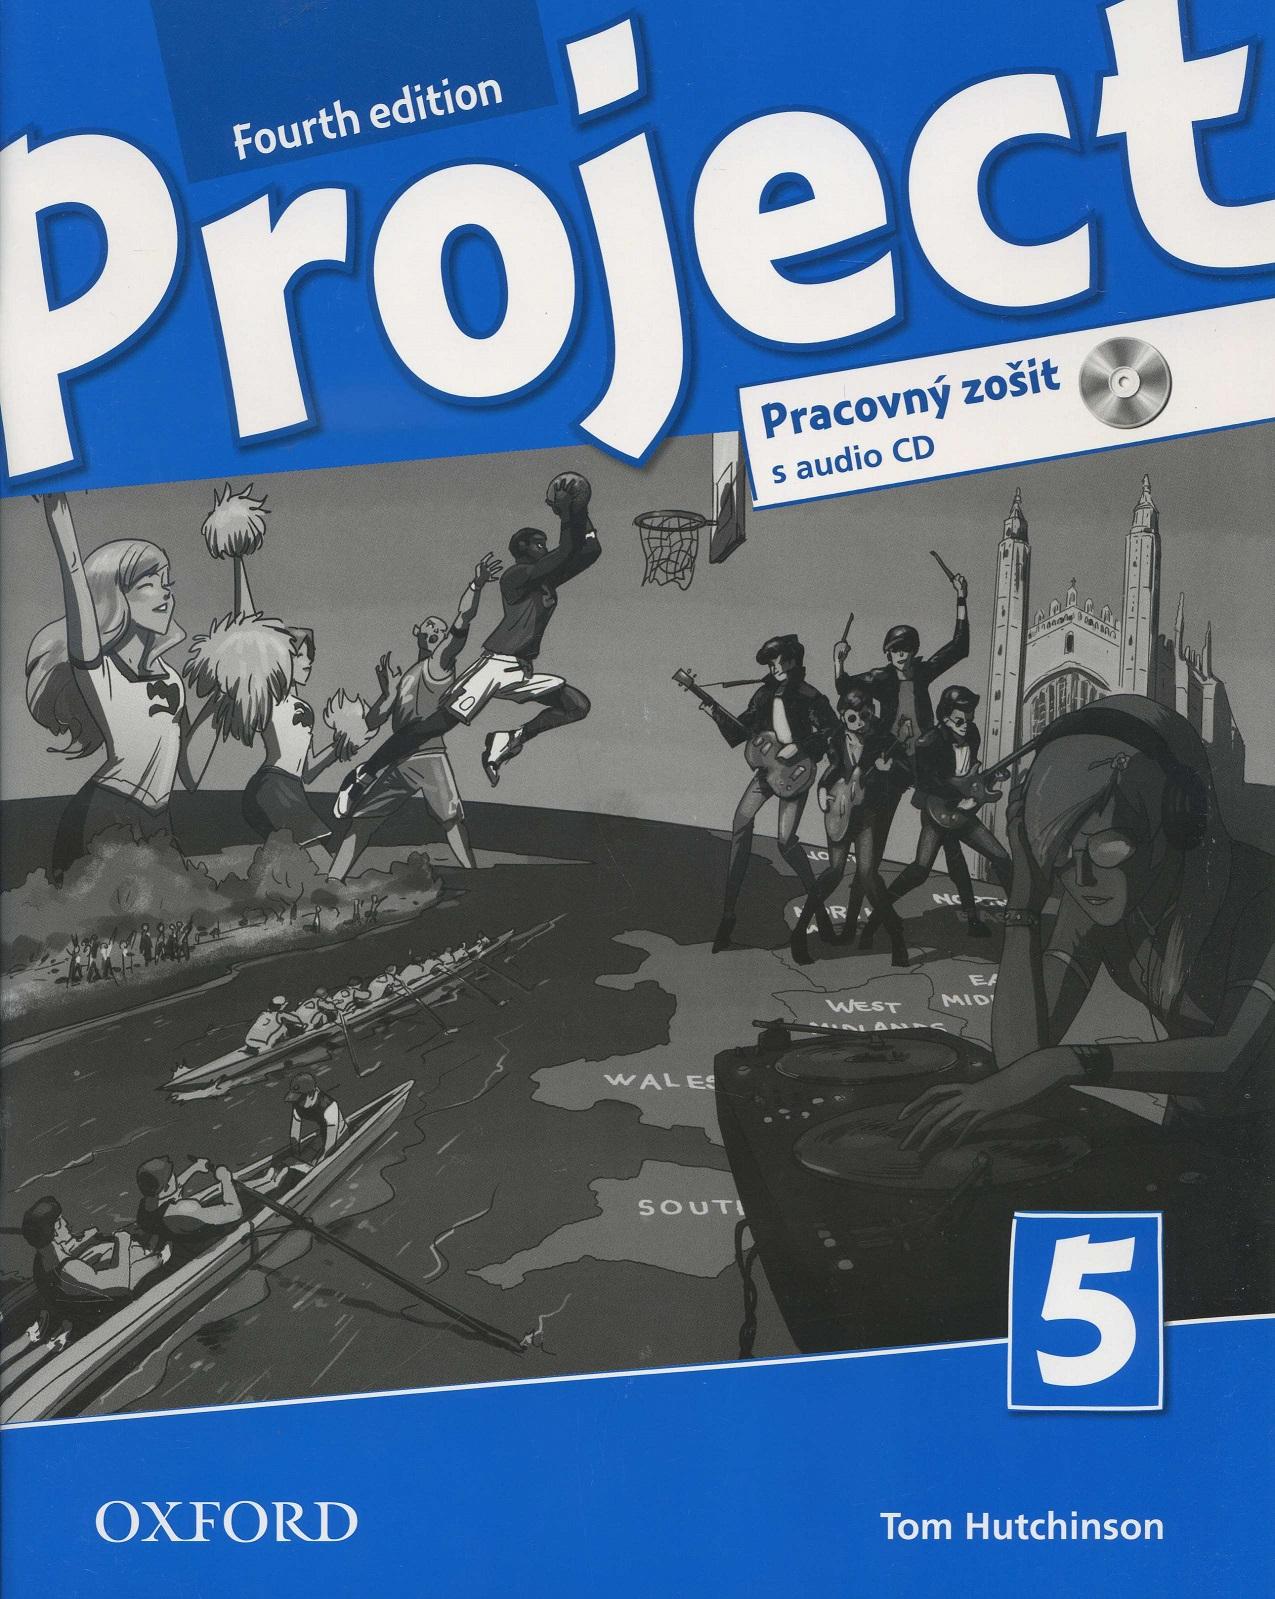 Project 5 - Fourth edition - Pracovný zošit s audio CD